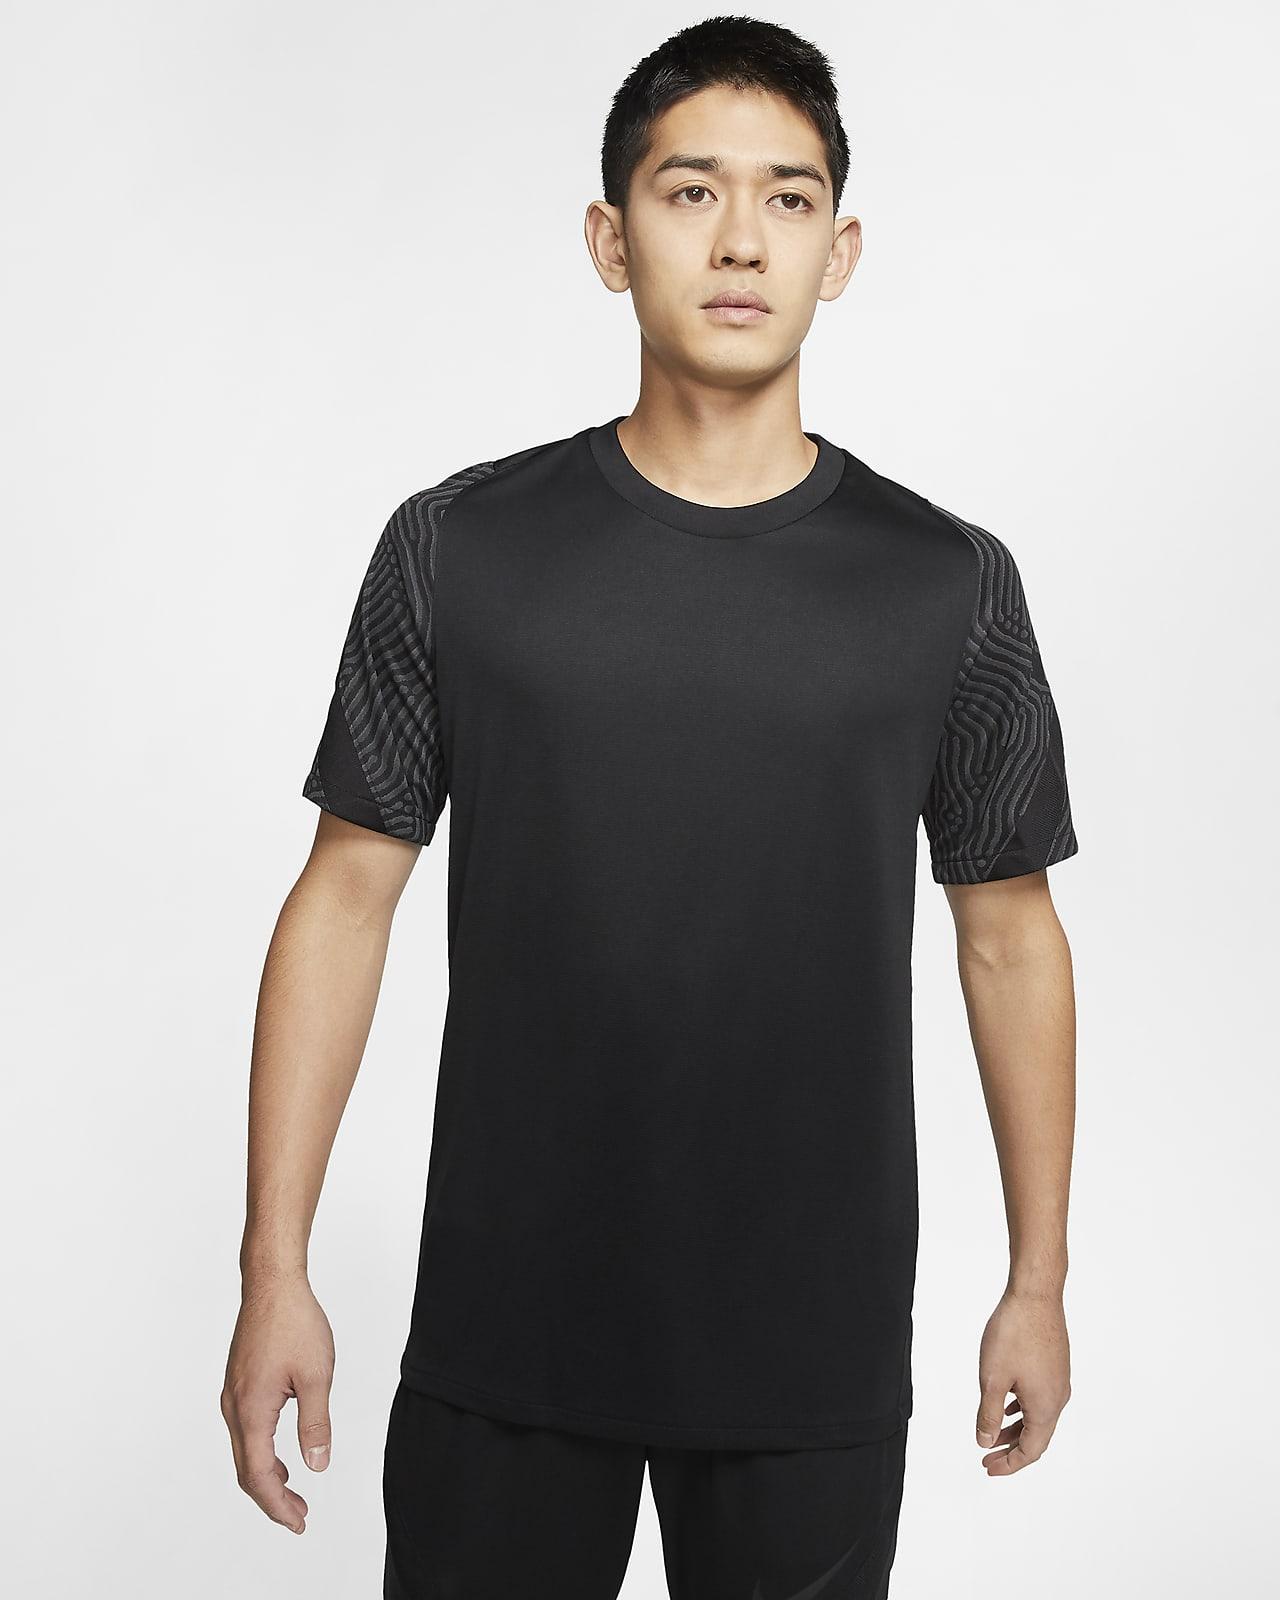 เสื้อฟุตบอลแขนสั้นผู้ชาย Nike Dri-FIT Strike